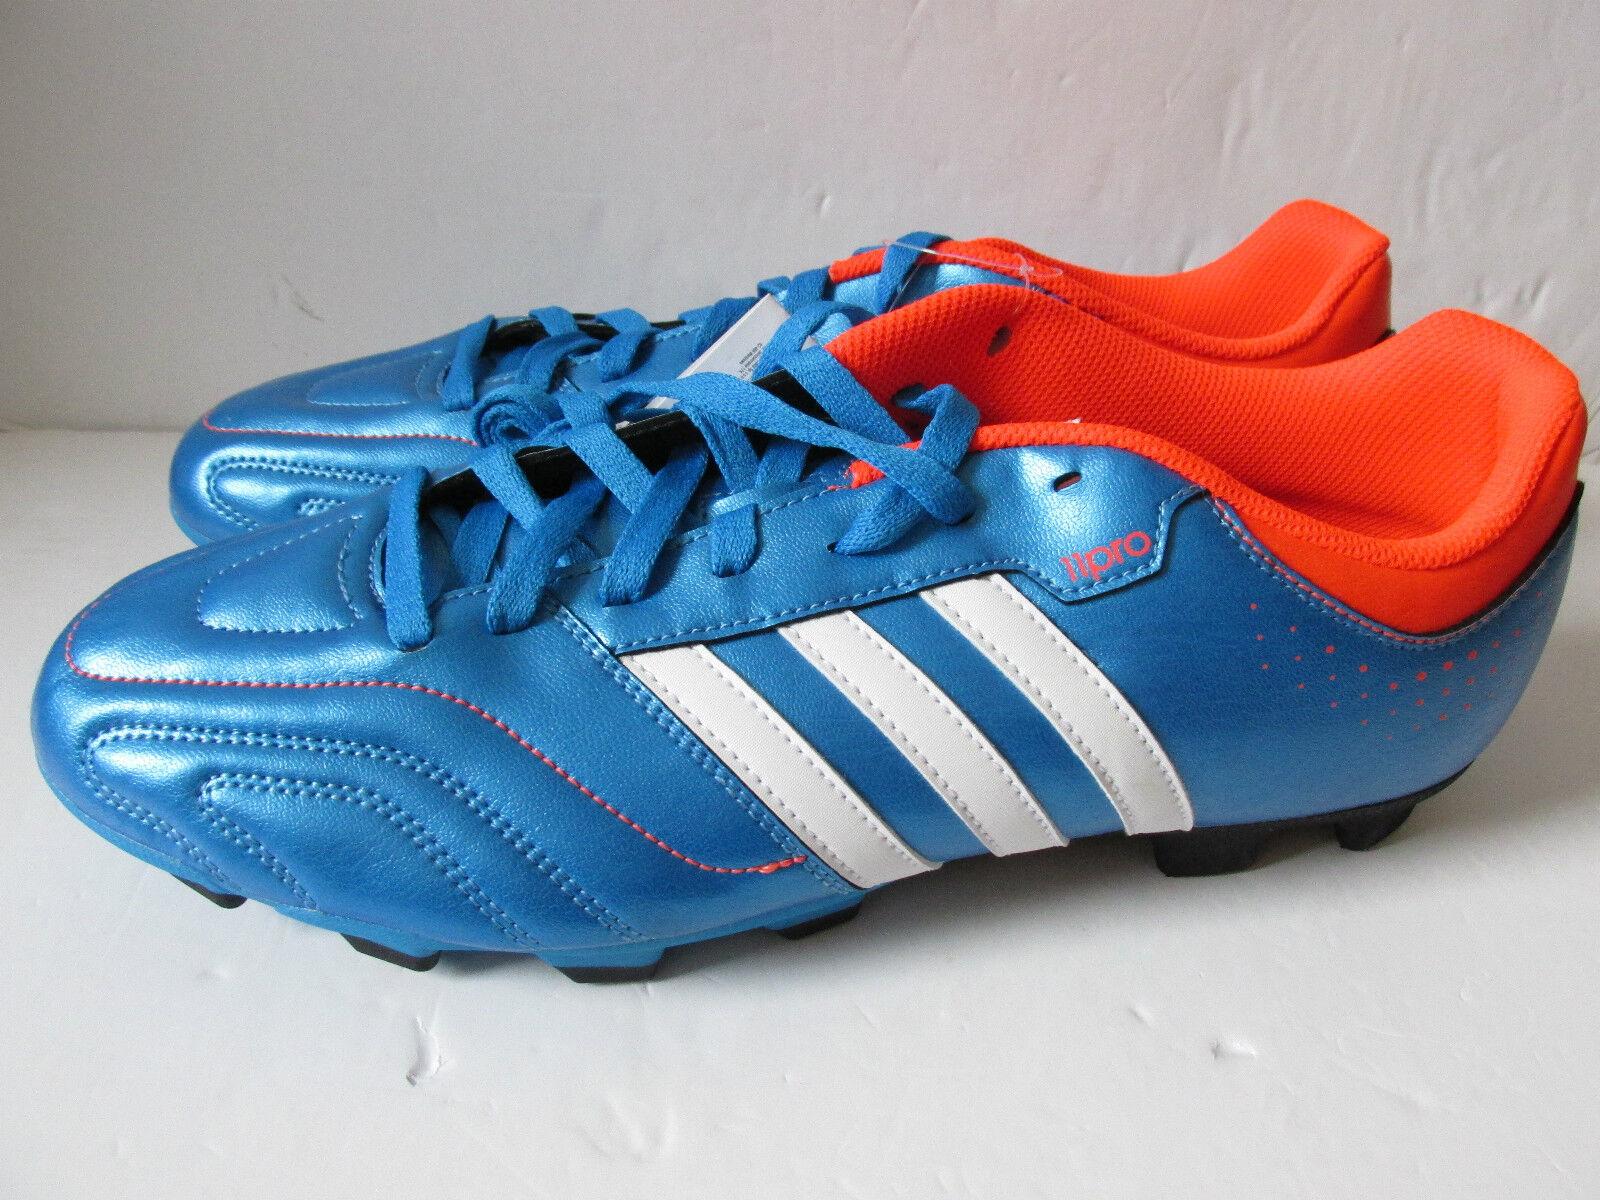 Adidas 11questra pro TRX Fg botas Fútbol Hombre V21460 Fútbol Tacos Pista Dura